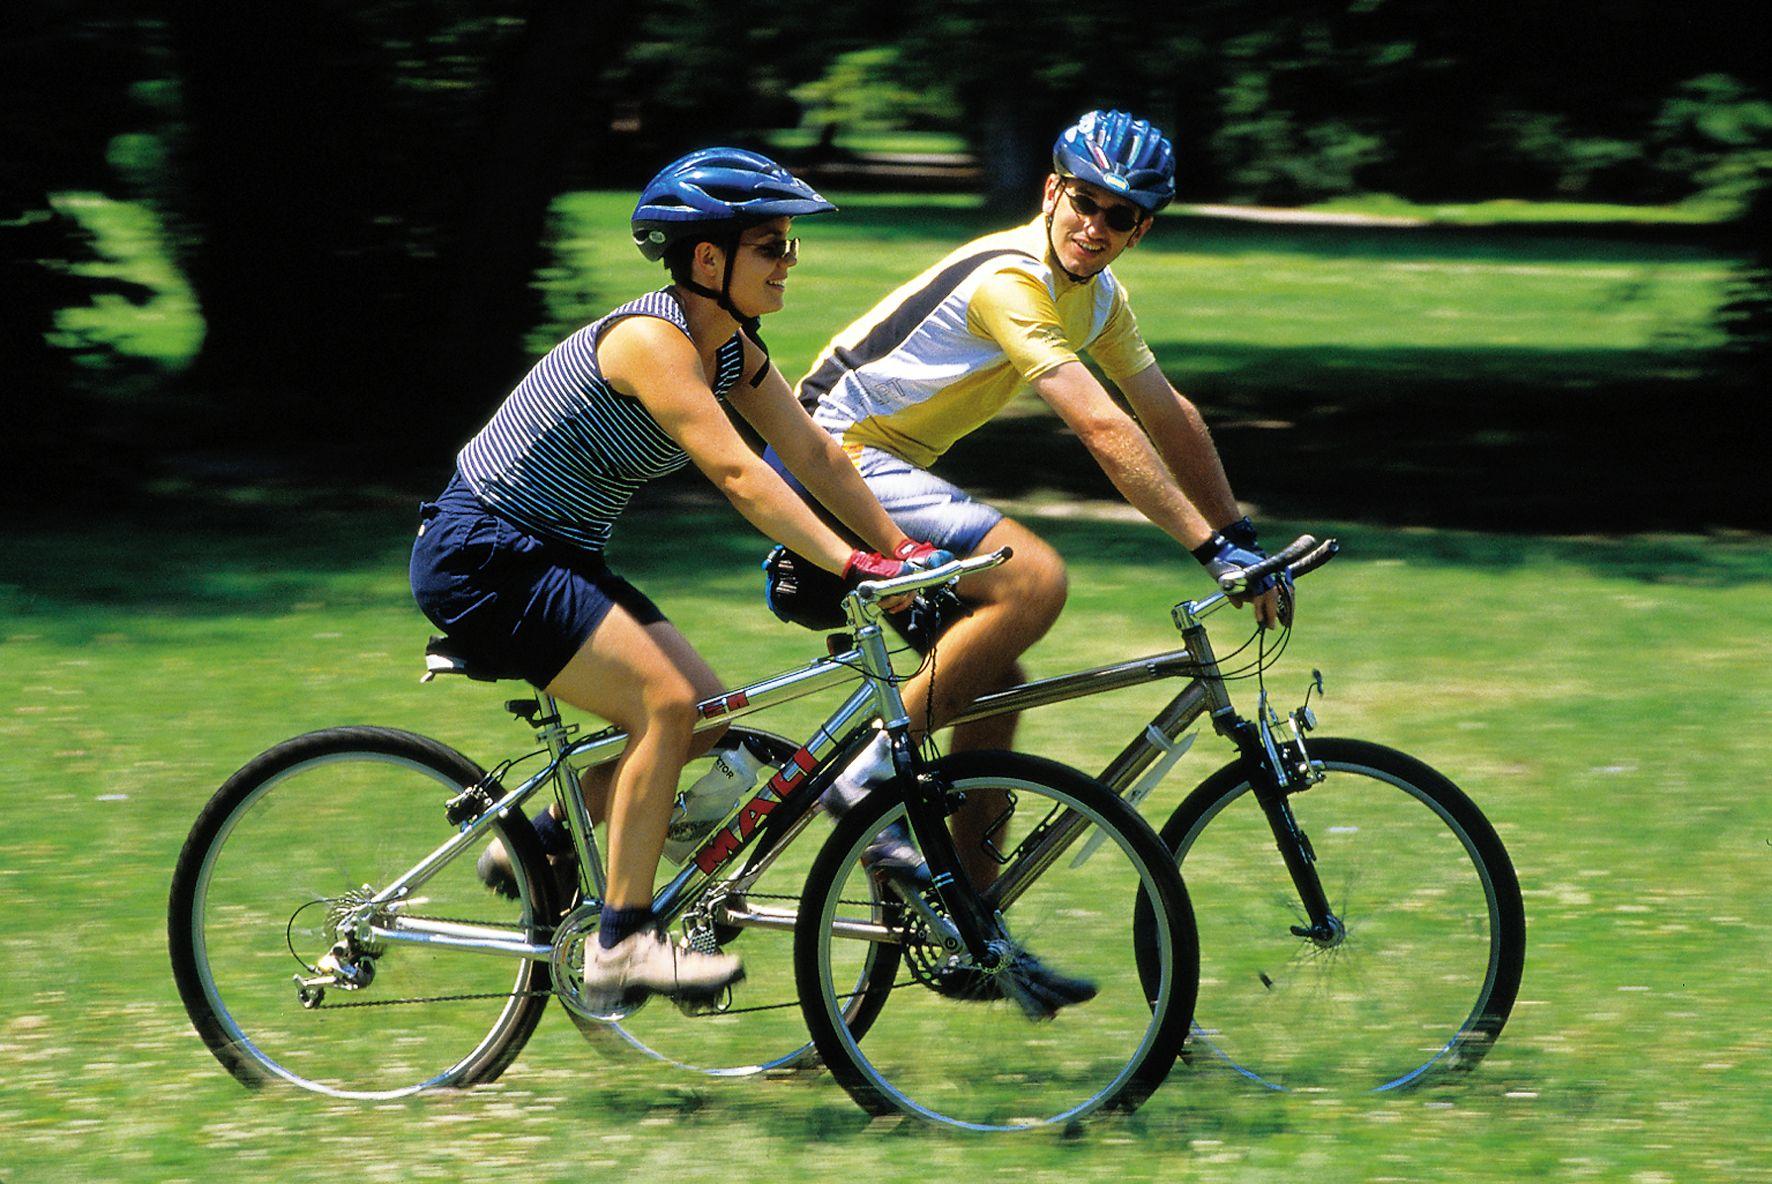 Una hora en bicicleta equivale a una hora más de vida | Vistazo